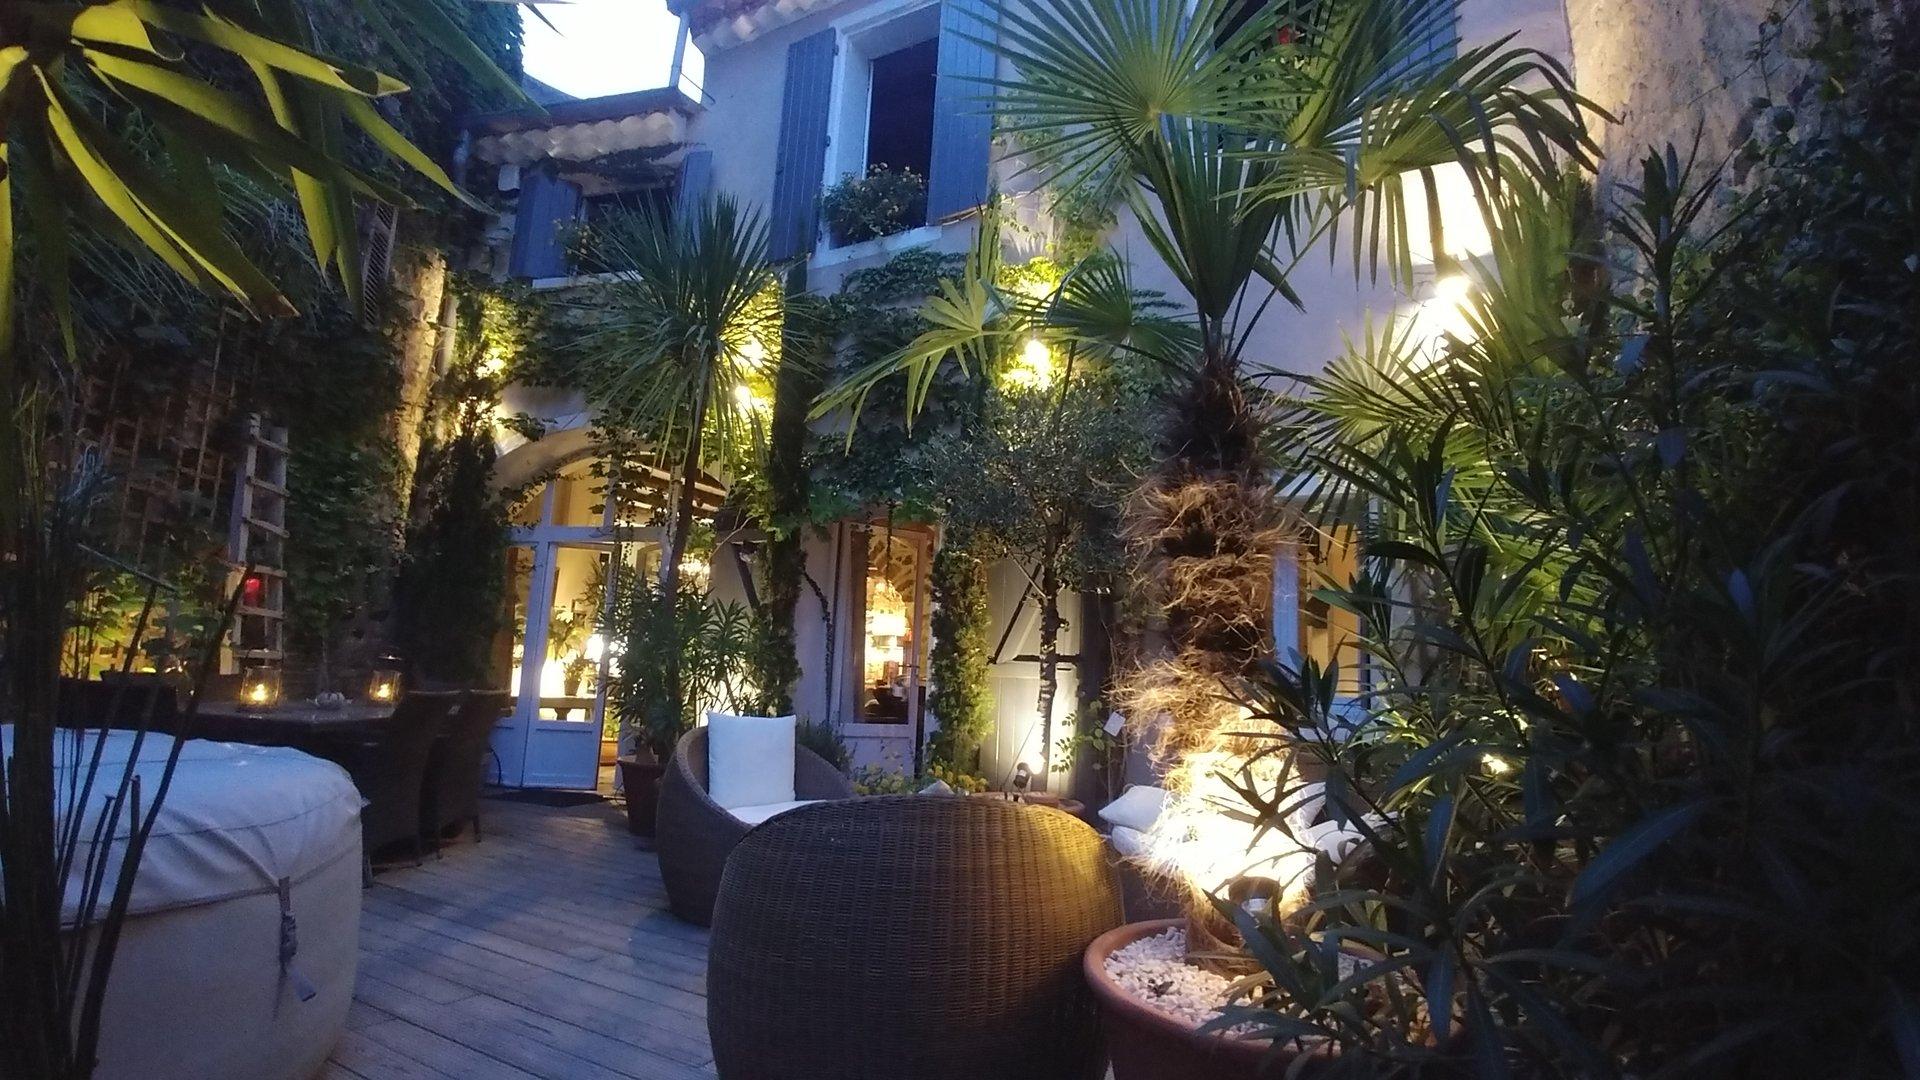 Magnifique! Rénovation superbe – 3 chambres, cour verdoyante